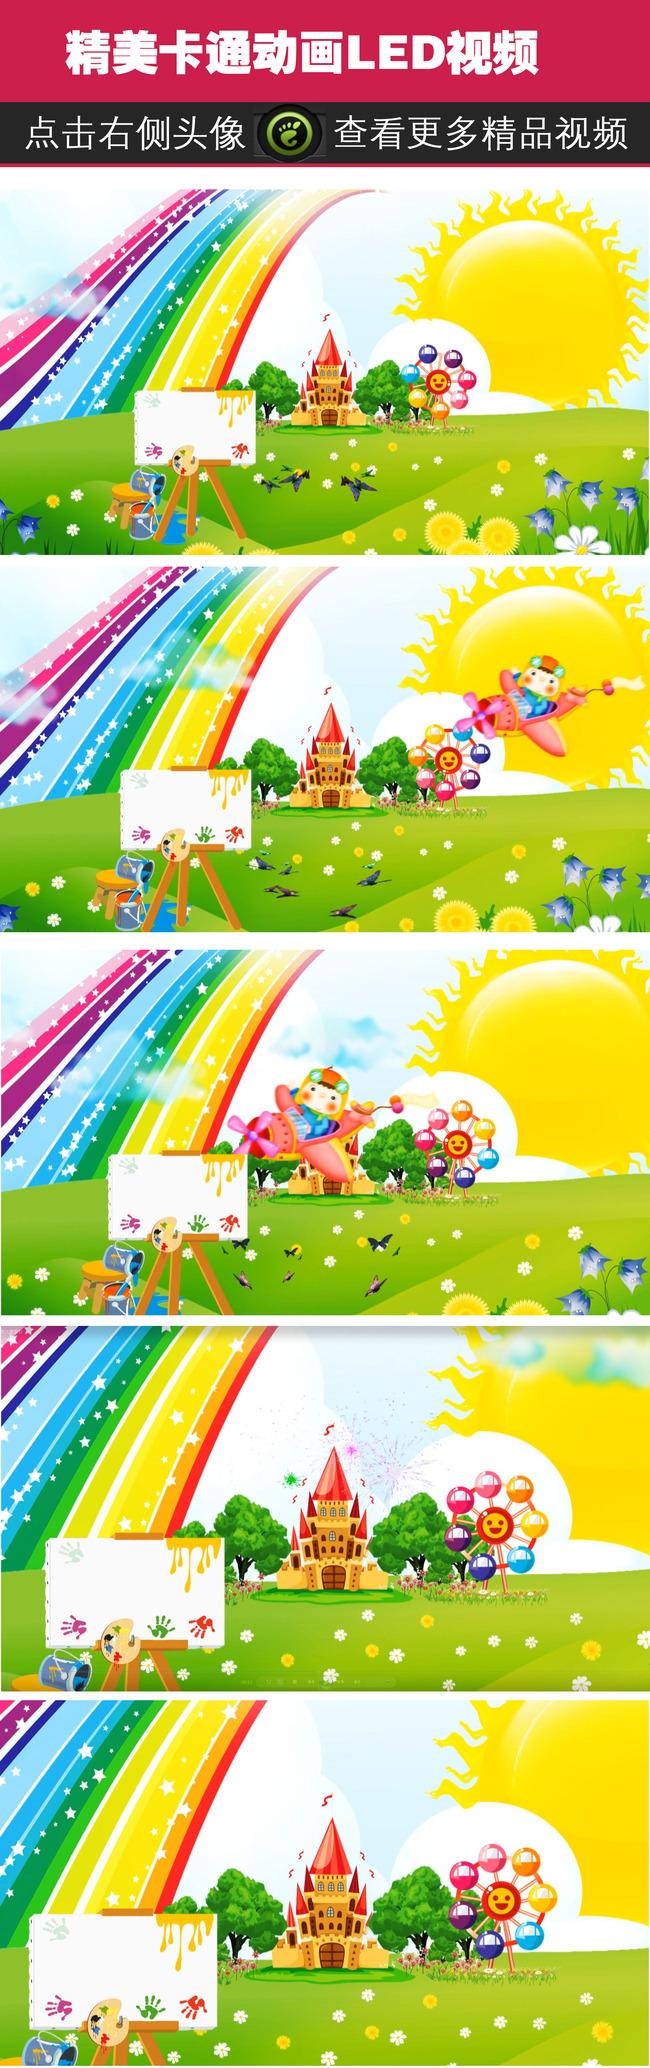 精美可爱卡通动画场景舞台led背景视频图片